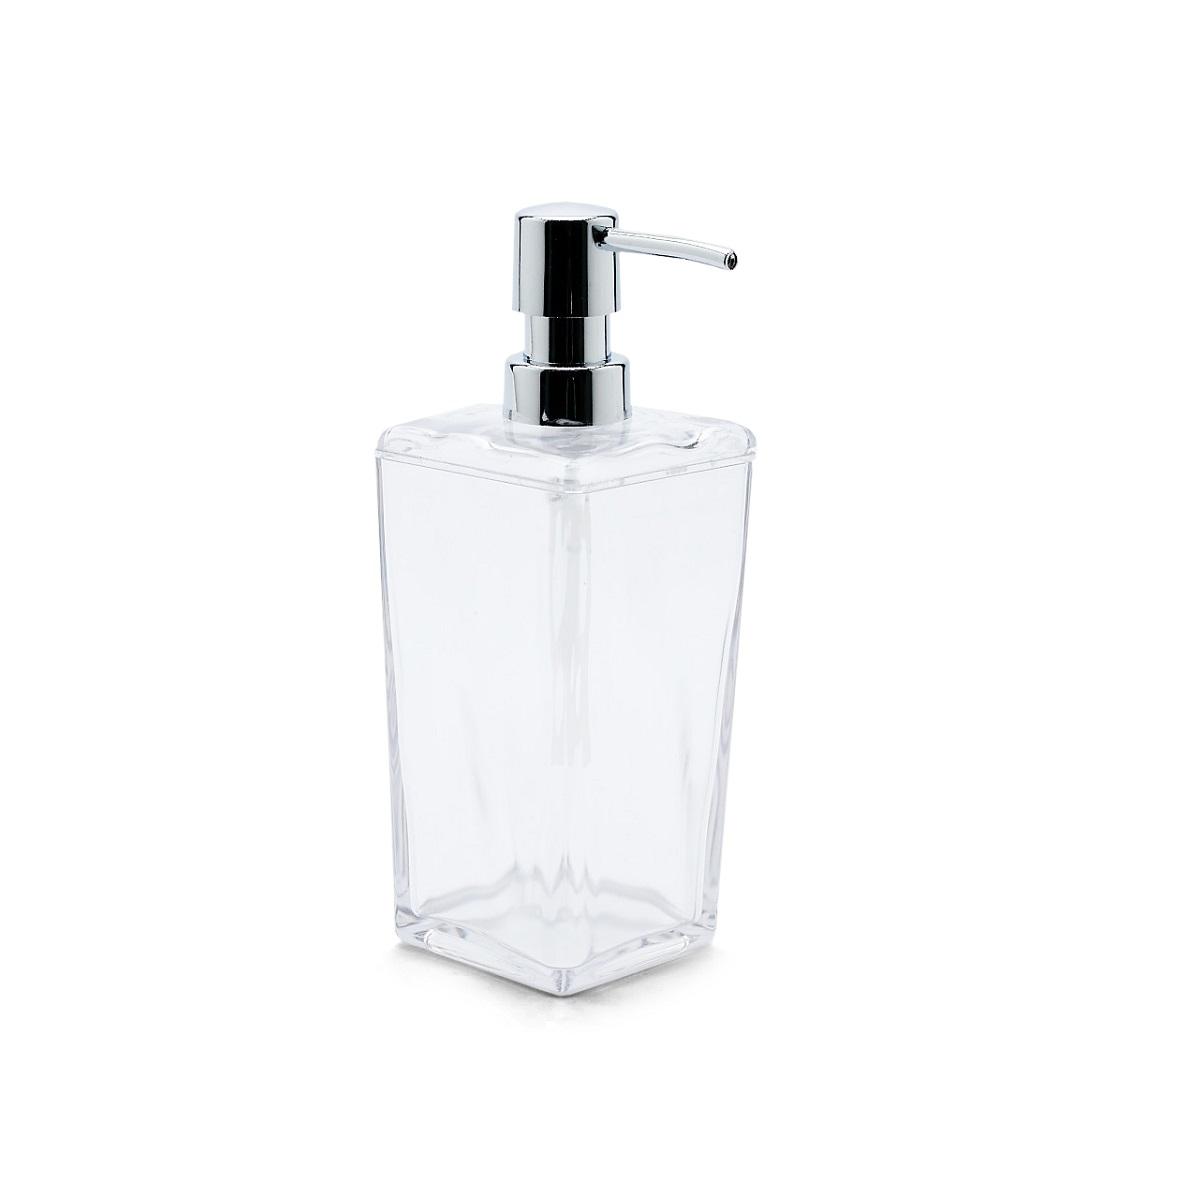 Фото - Дозатор Primanova Biga для жидкого мыла 0,25 мл дозатор primanova lenox для жидкого мыла черный 0 3 мл